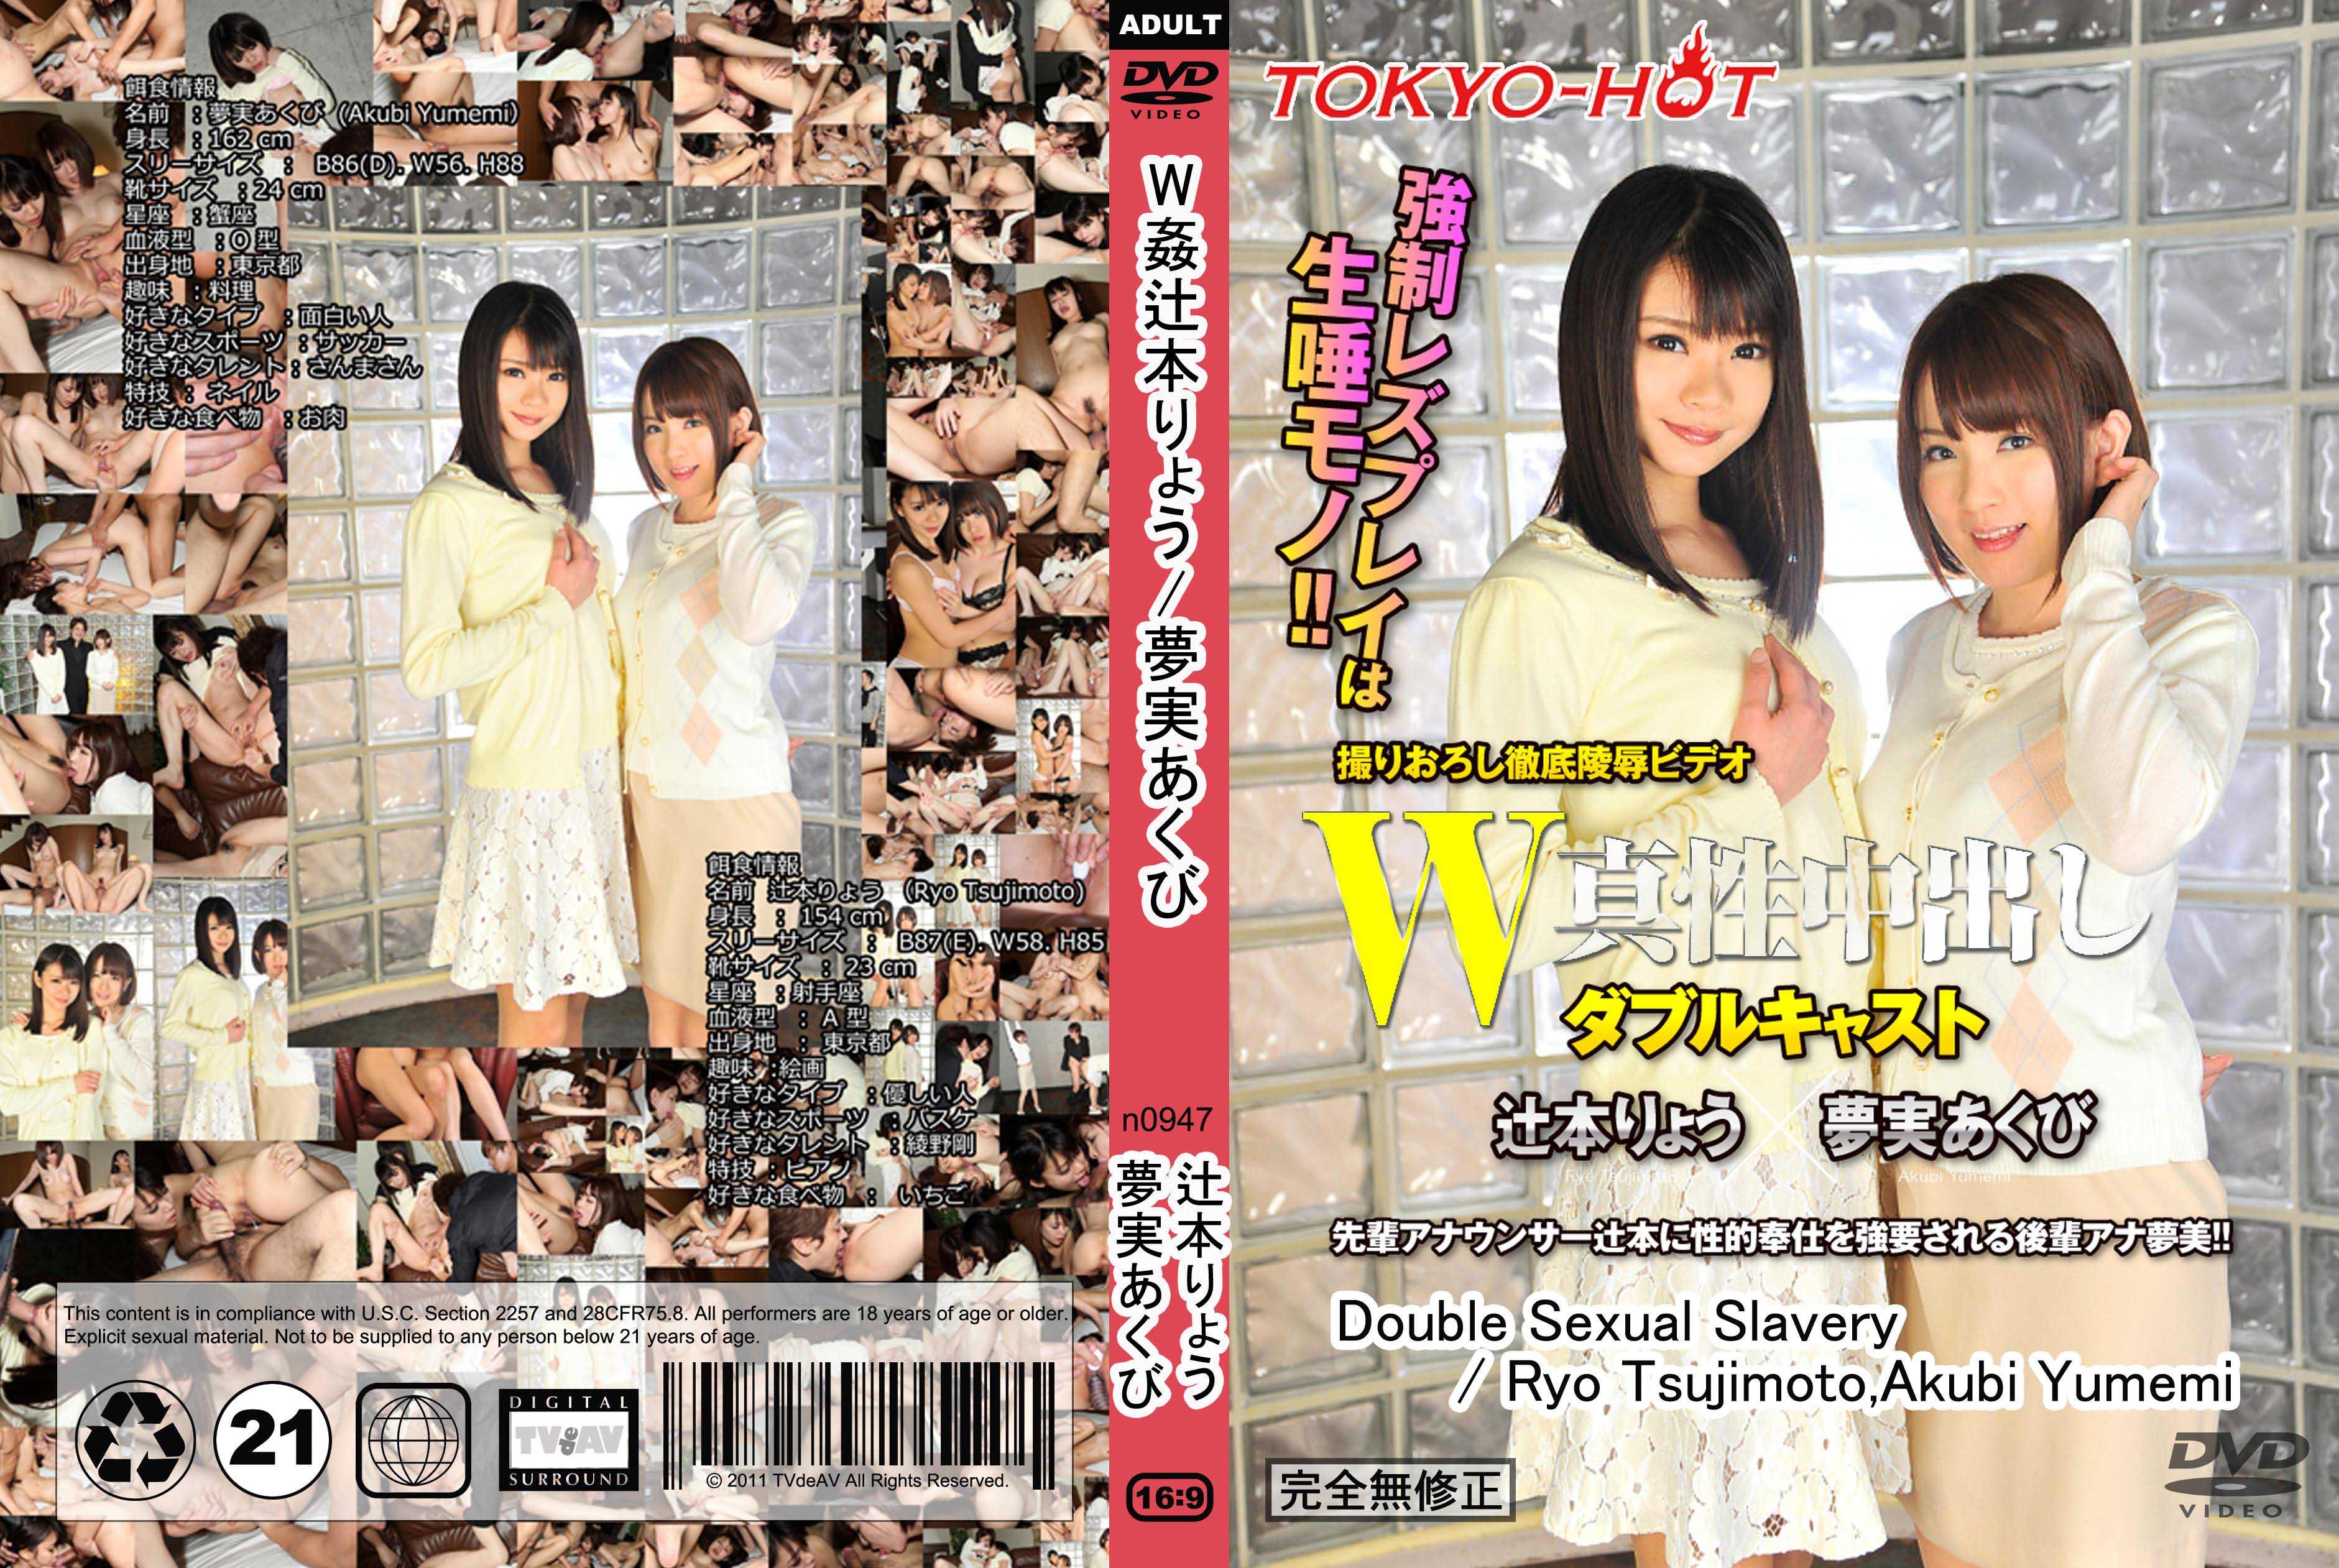 tokyo-hot-n0947-Wカン辻本りょう/夢実あくび